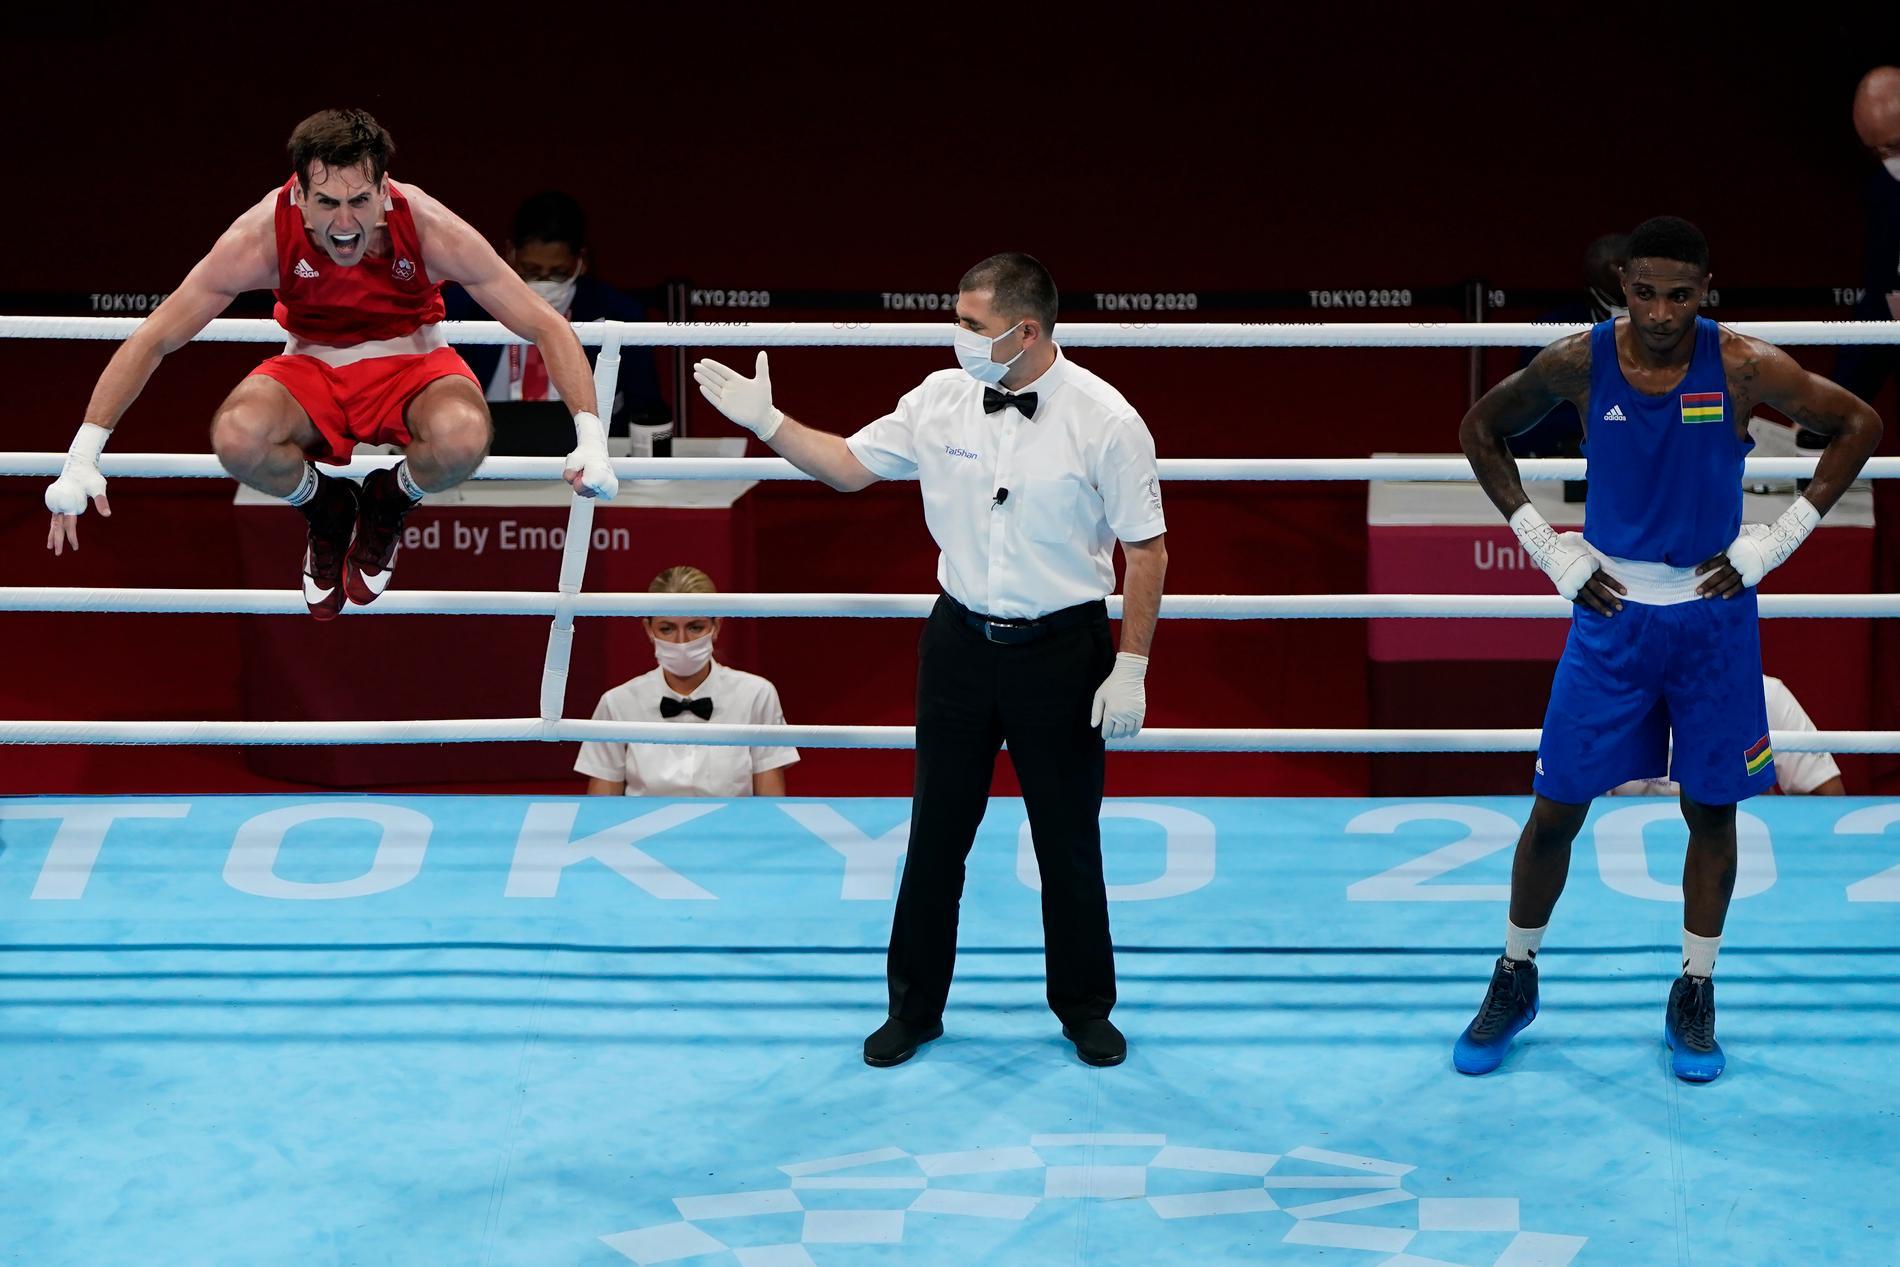 Aidan Walsh firar efter att ha gått vidare till semifinal i OS.